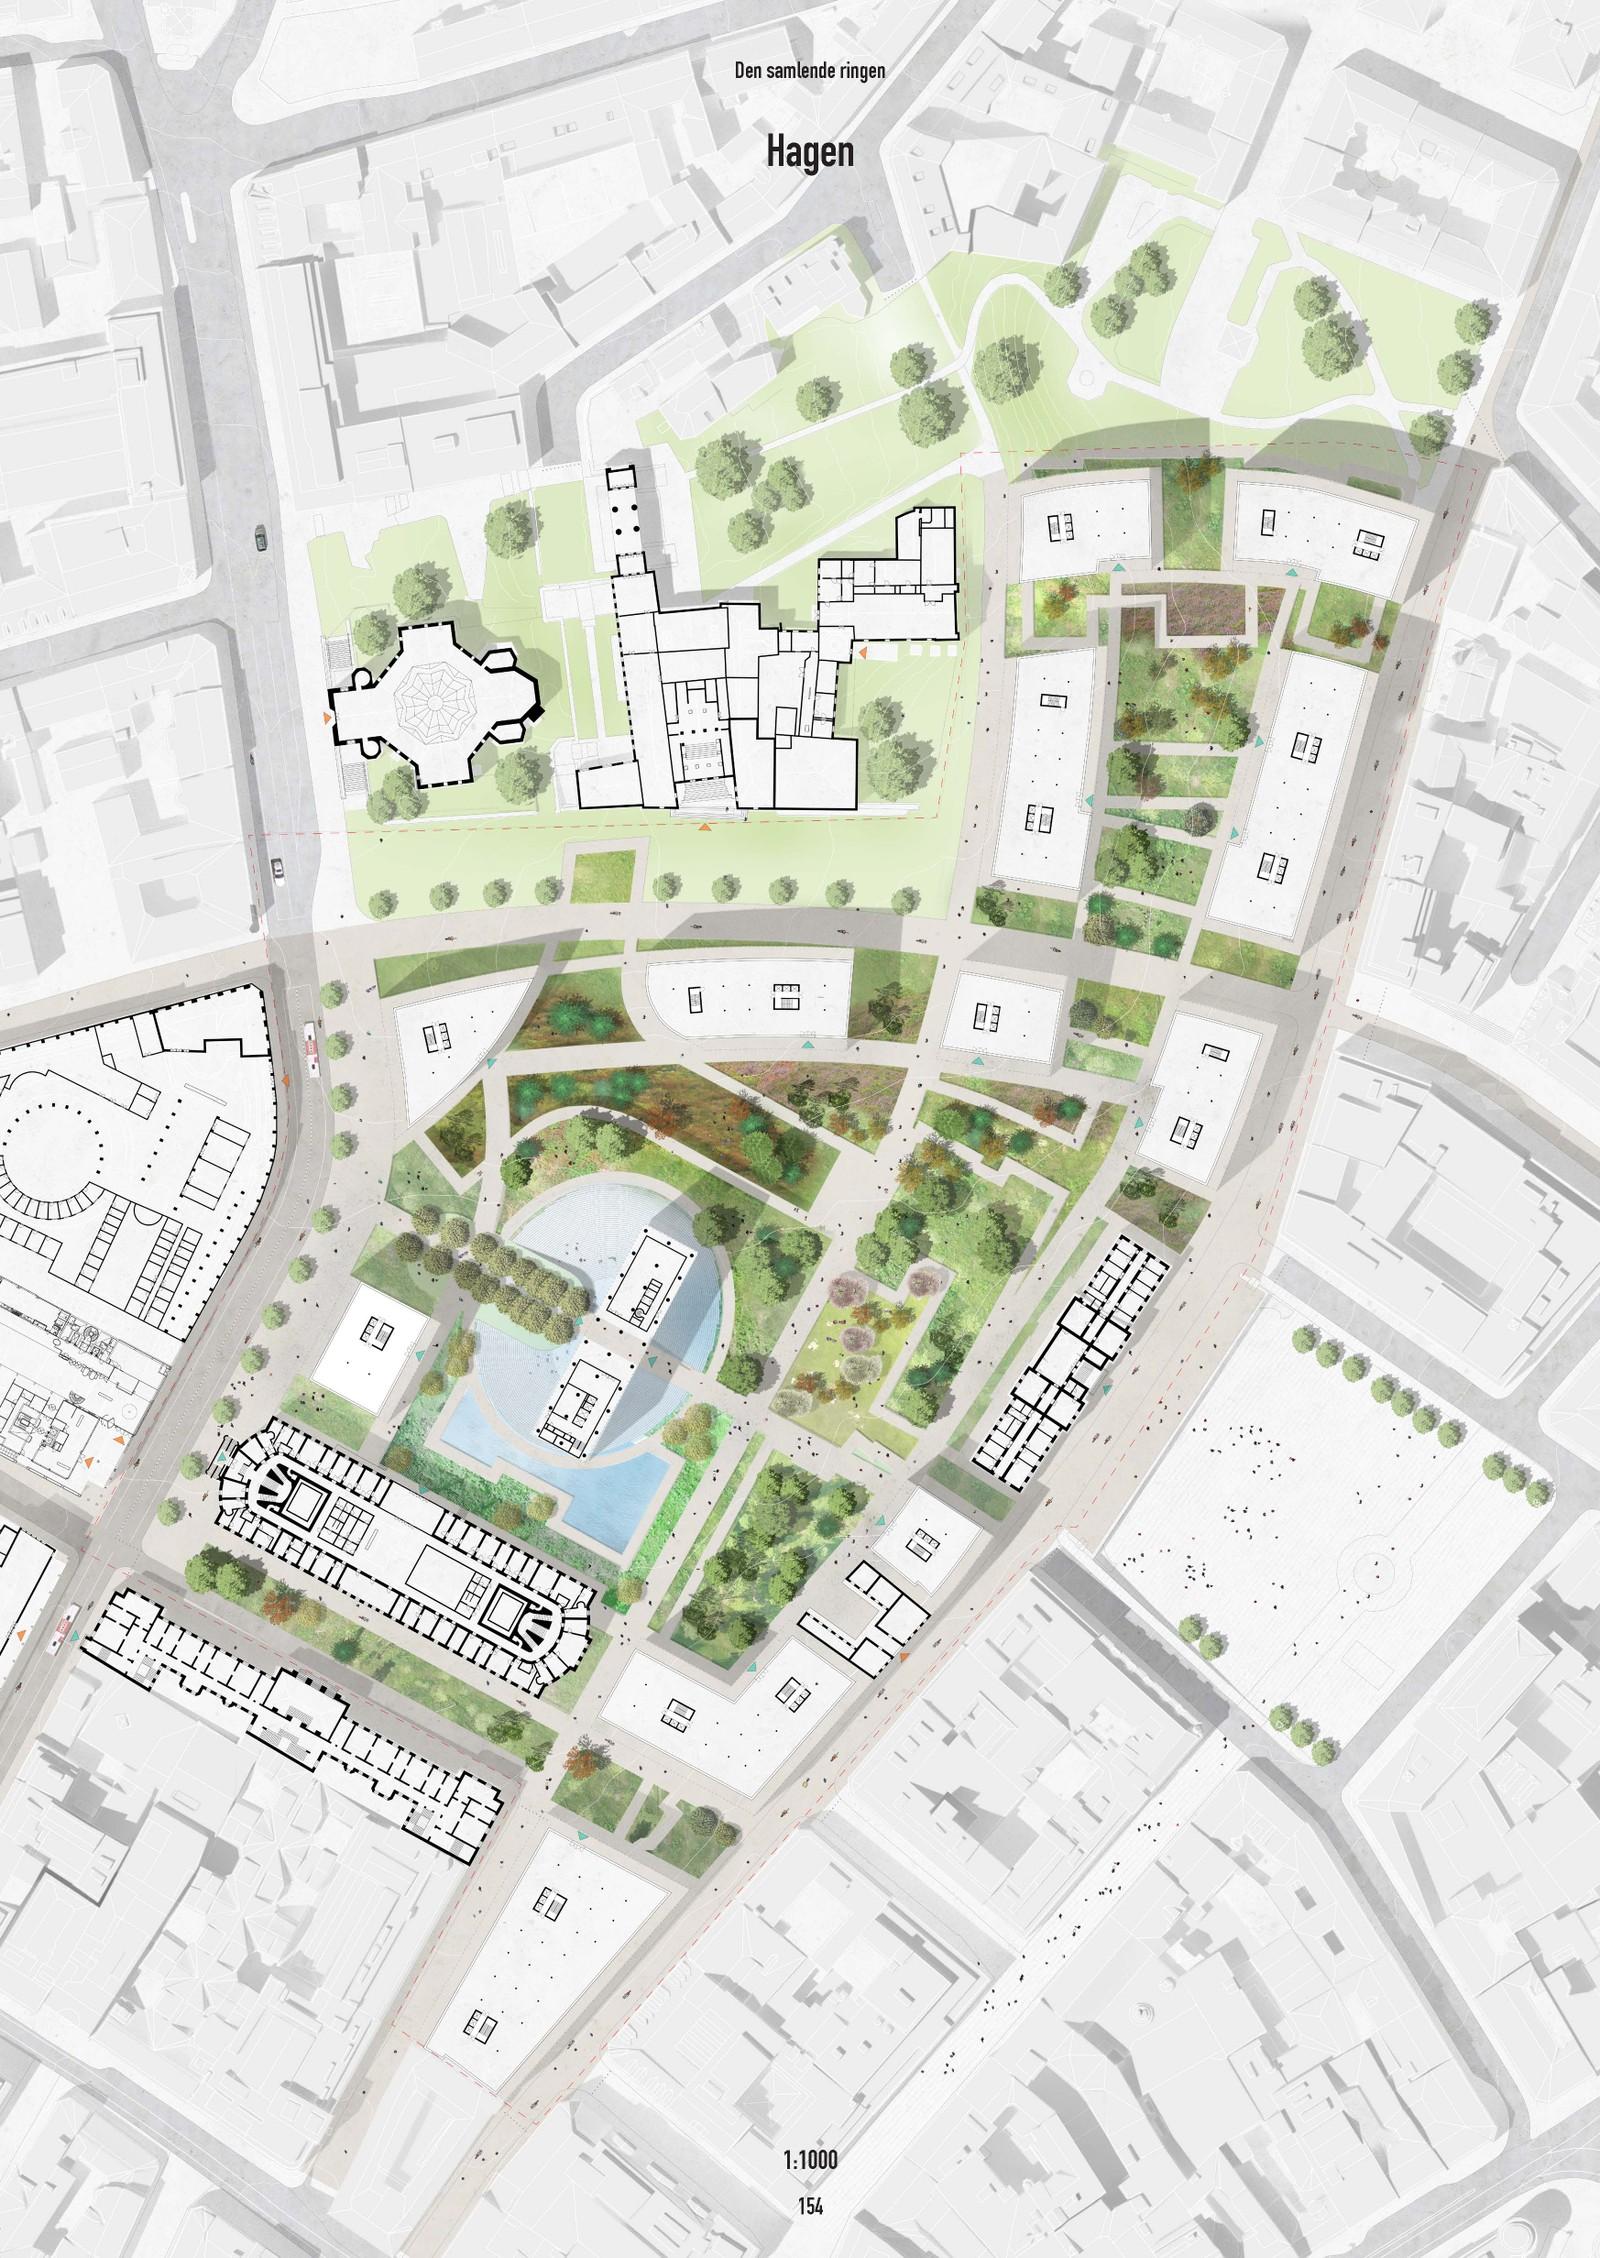 NUMMER 4 - MVRD: MVRDVs forslag legger opp til mye grønt. Tanken bak er at statsapparatets bygninger ikke skal være ruvende og autoritære.